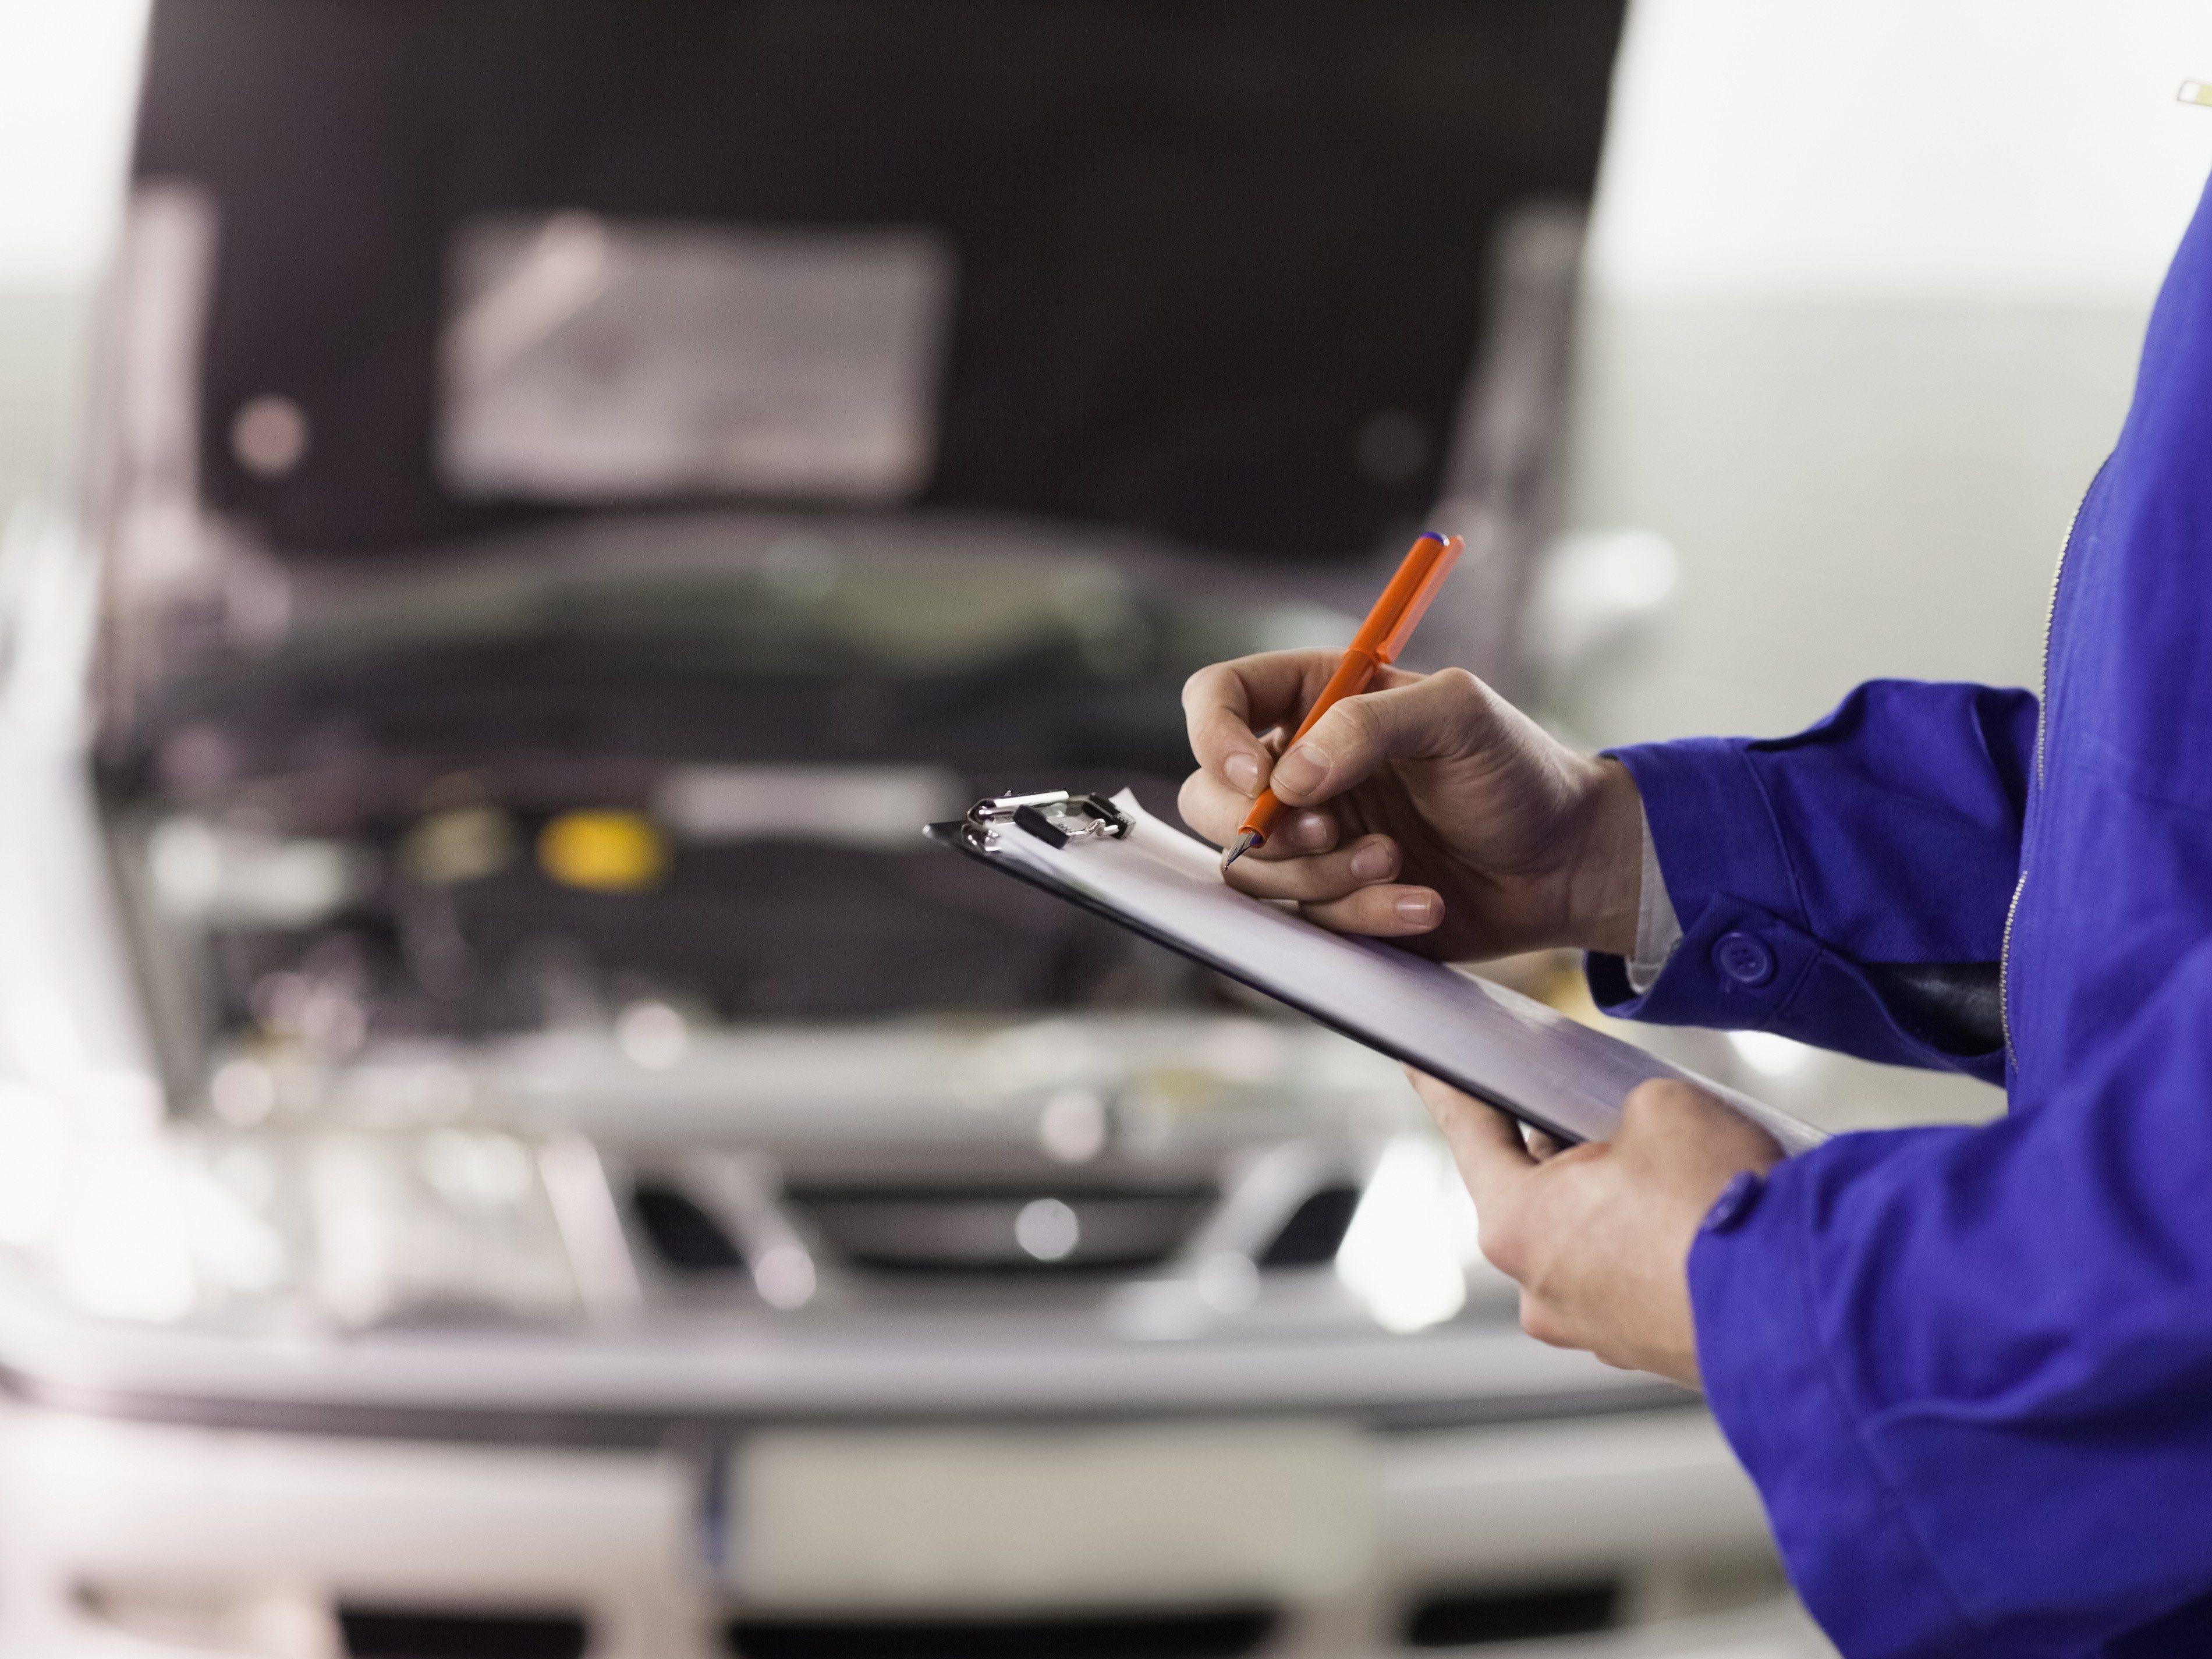 Car Maintenance: The Bare Minimum